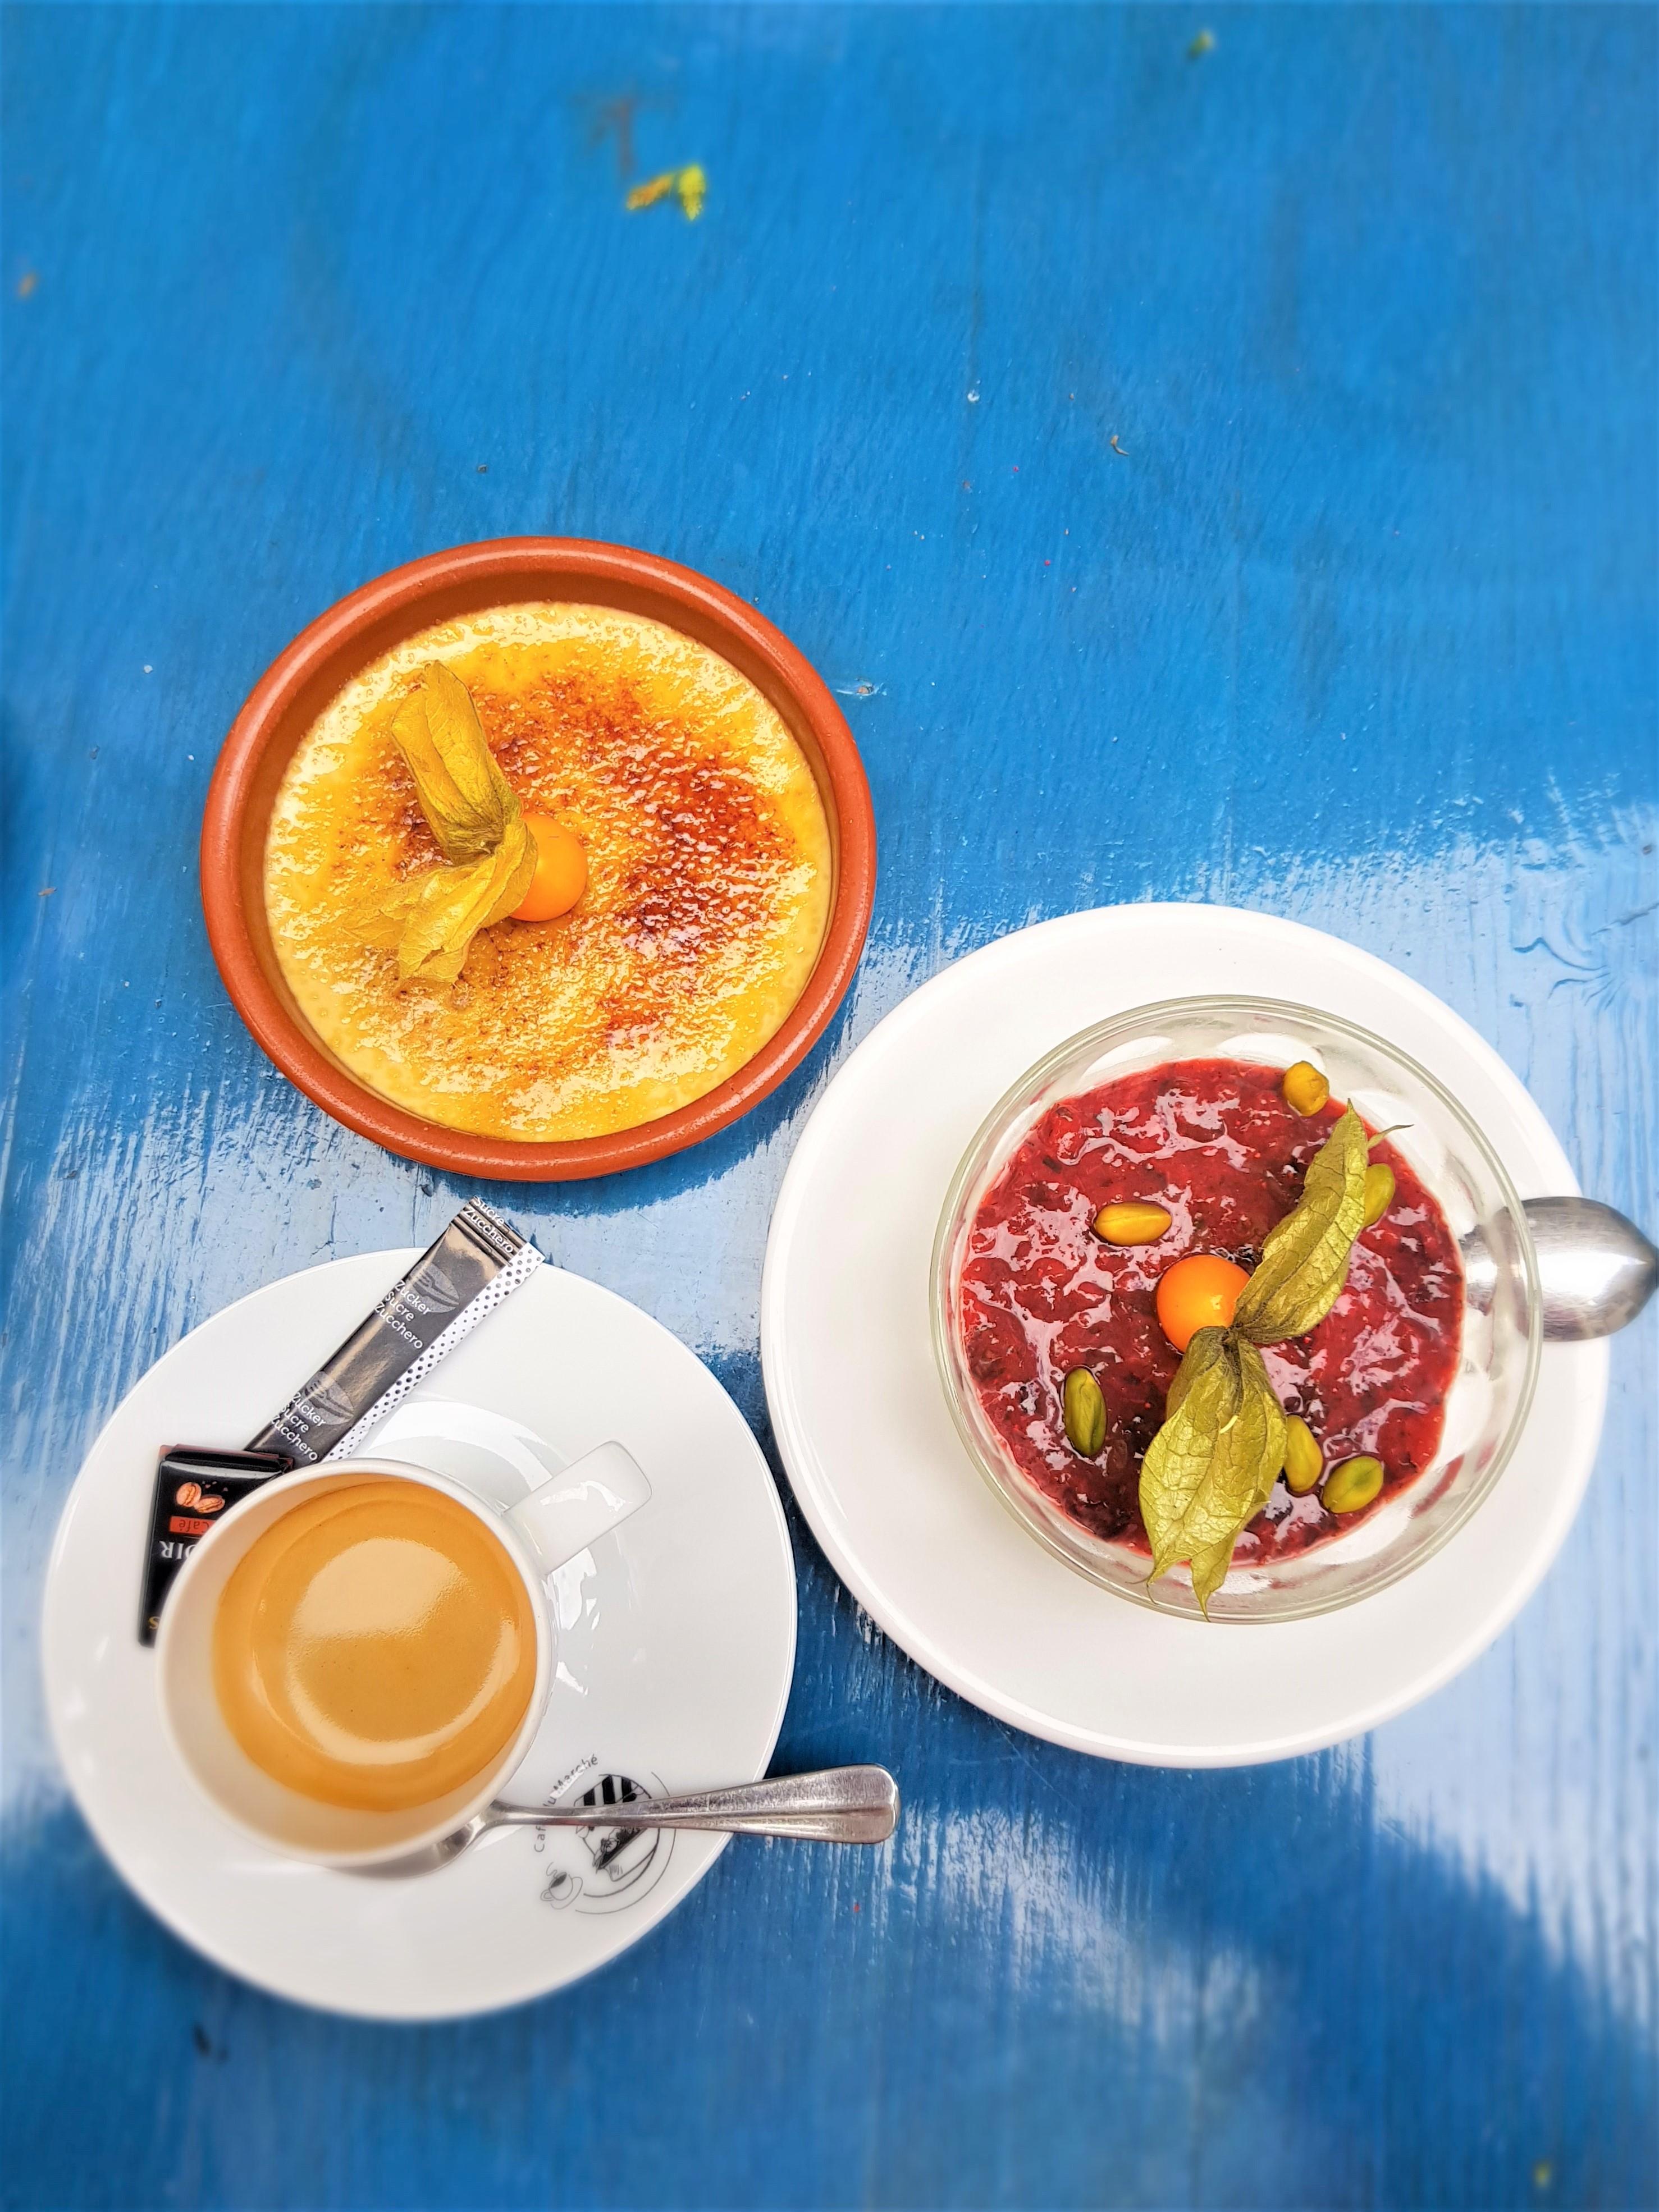 desserts café du marché Clioandco blog voyage Fribourg suisse